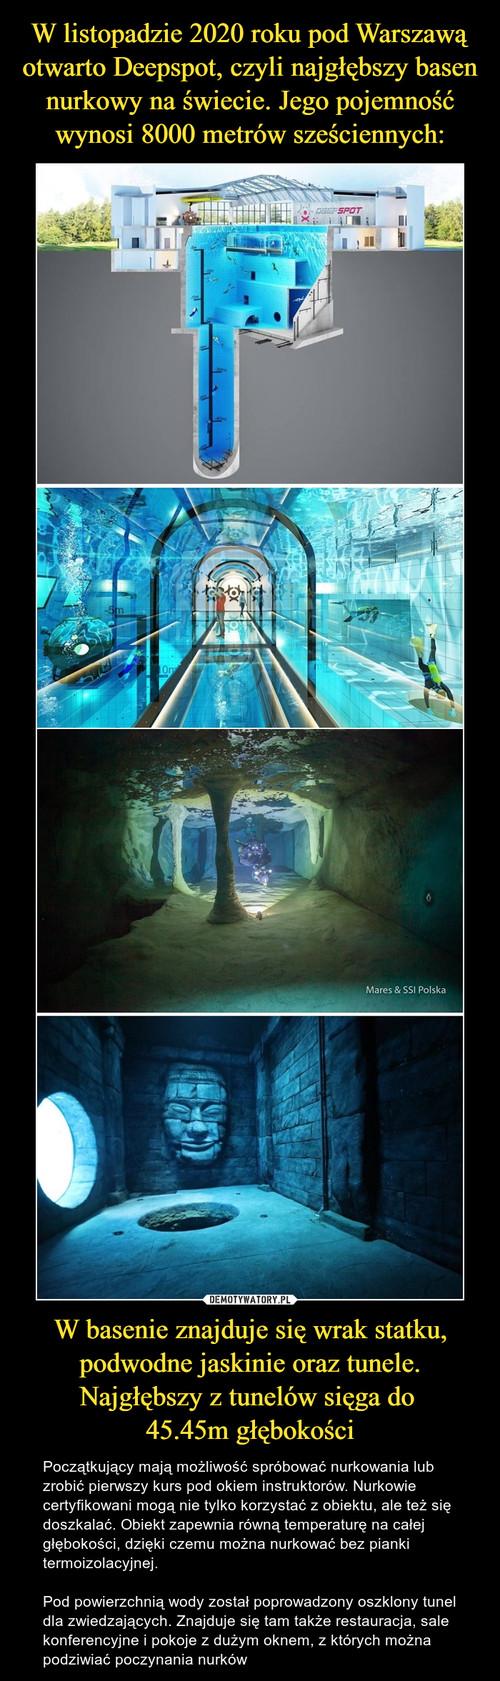 W listopadzie 2020 roku pod Warszawą otwarto Deepspot, czyli najgłębszy basen nurkowy na świecie. Jego pojemność wynosi 8000 metrów sześciennych: W basenie znajduje się wrak statku, podwodne jaskinie oraz tunele. Najgłębszy z tunelów sięga do  45.45m głębokości